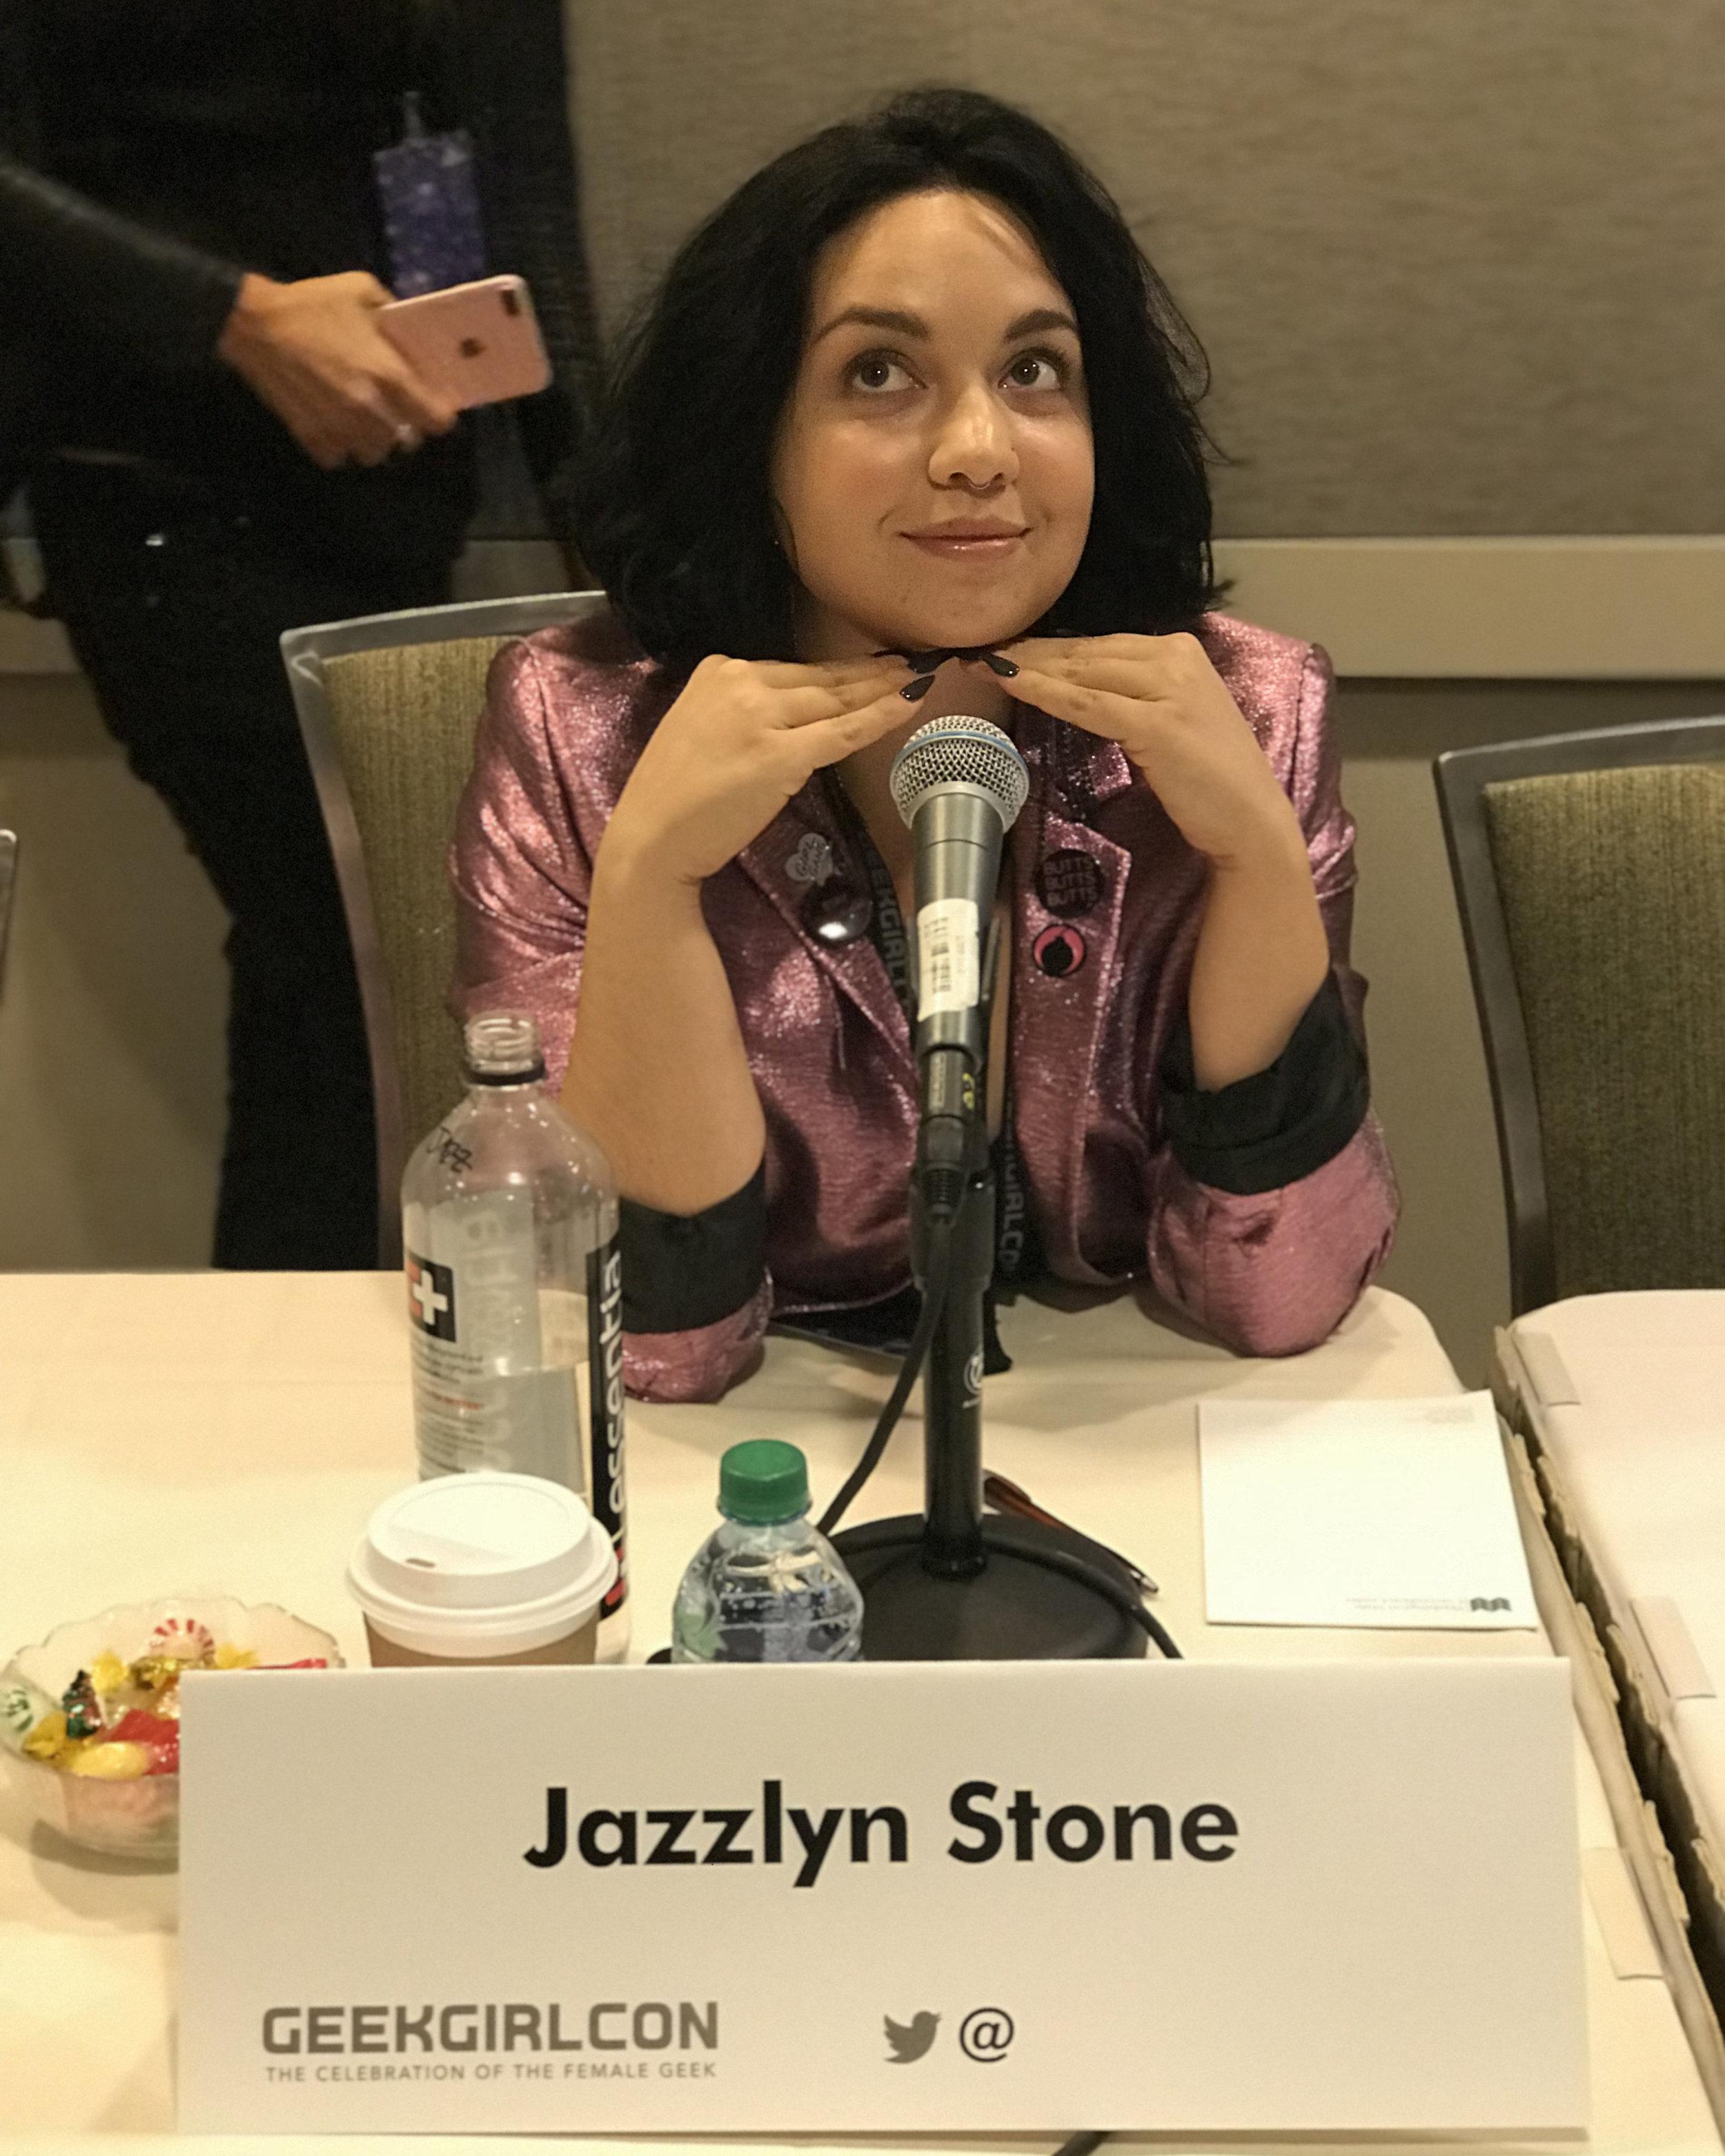 JazzlynStone_GeekGirlCon2018.jpg